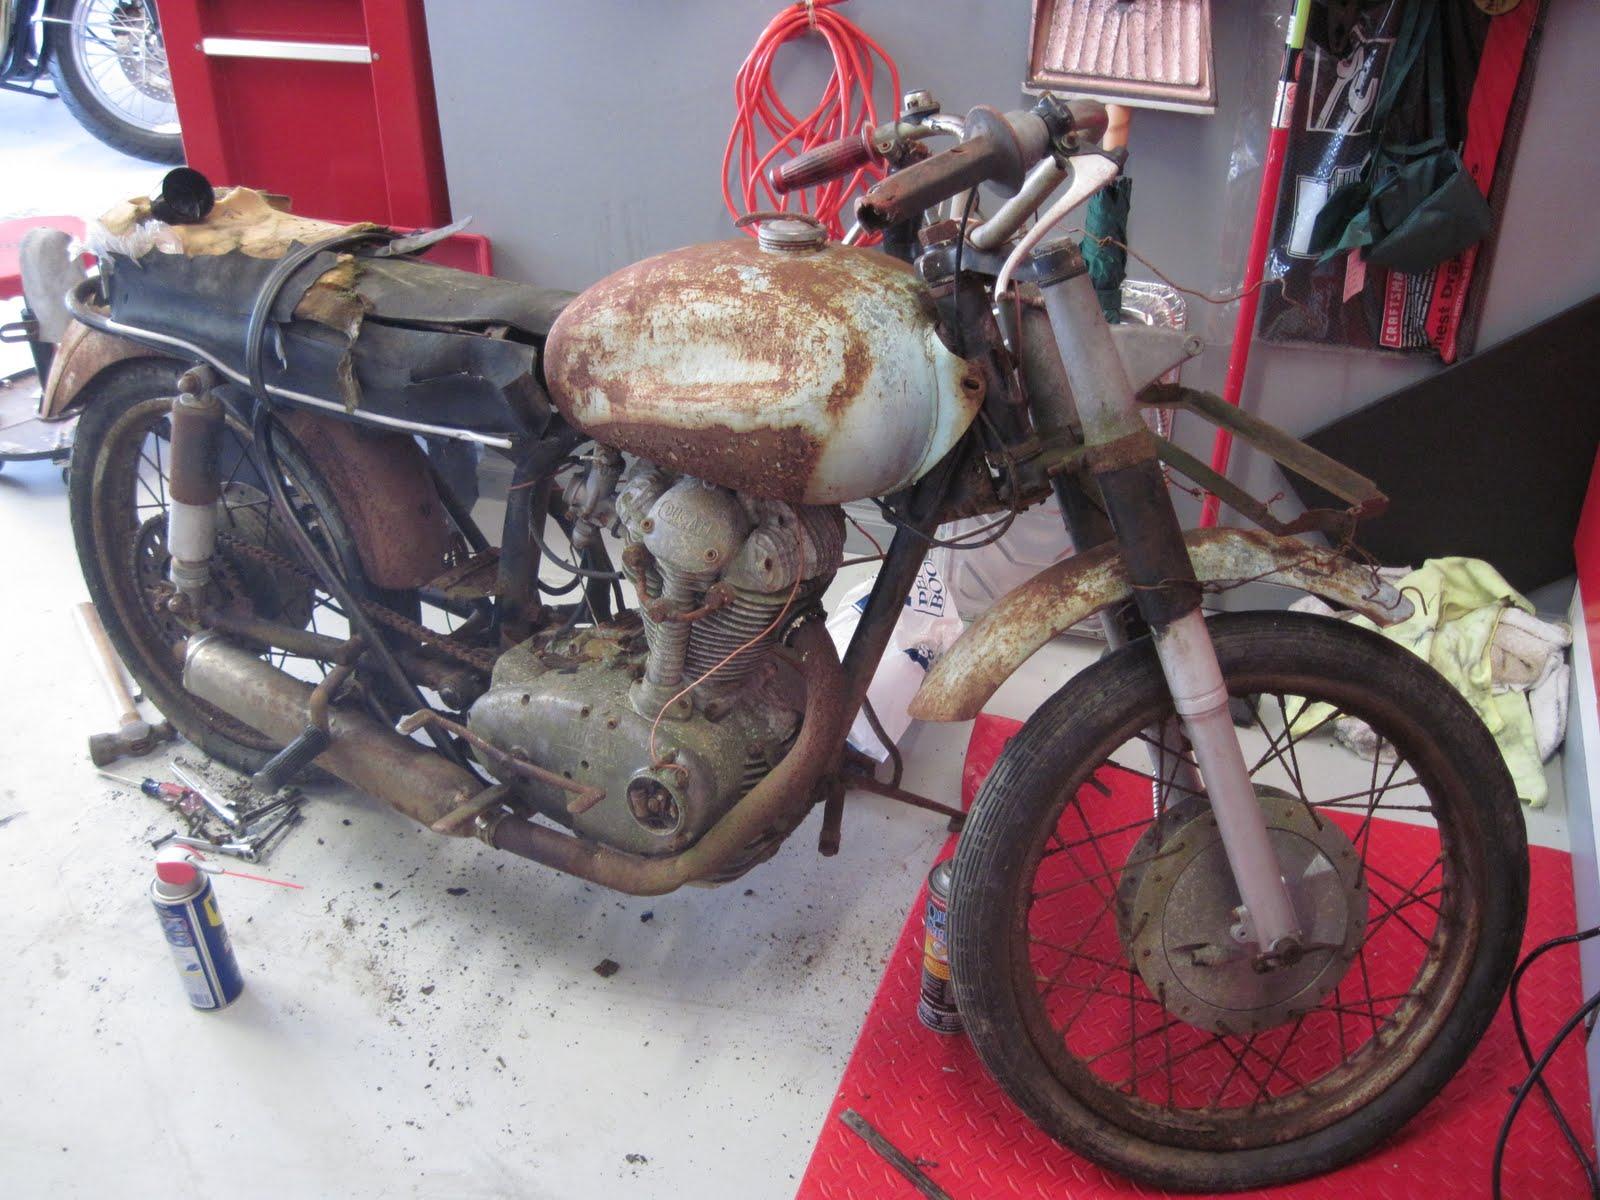 Adams Motorcycle Shop My New Ducati Darmah Wiring Loom